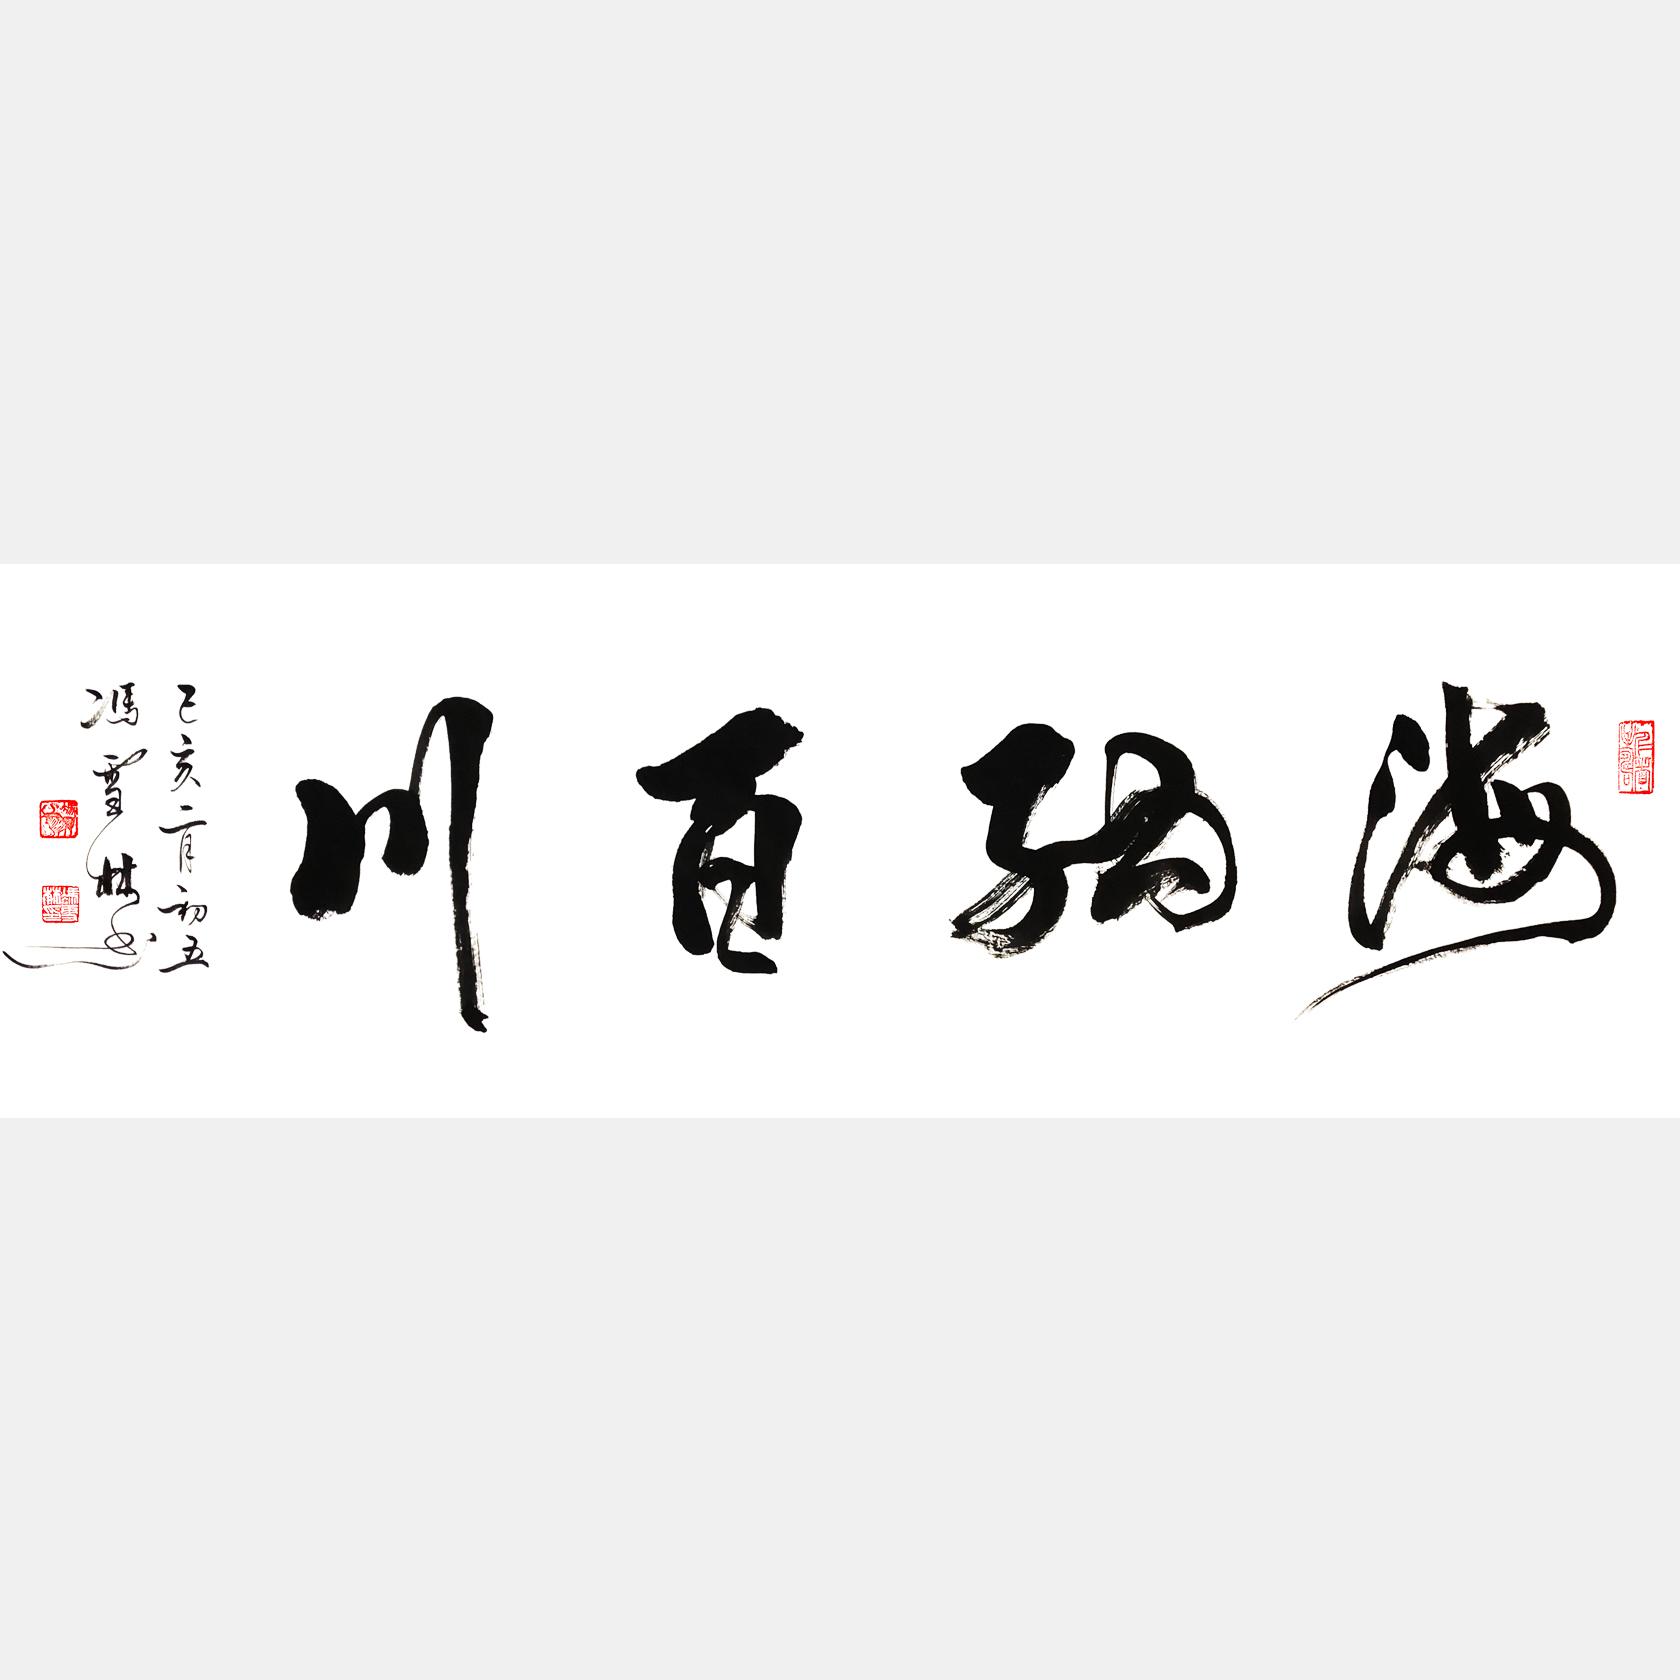 图片2:海纳百川书法作品欣赏 名家书法海纳百川 行书四尺横幅字画 中华民族精神